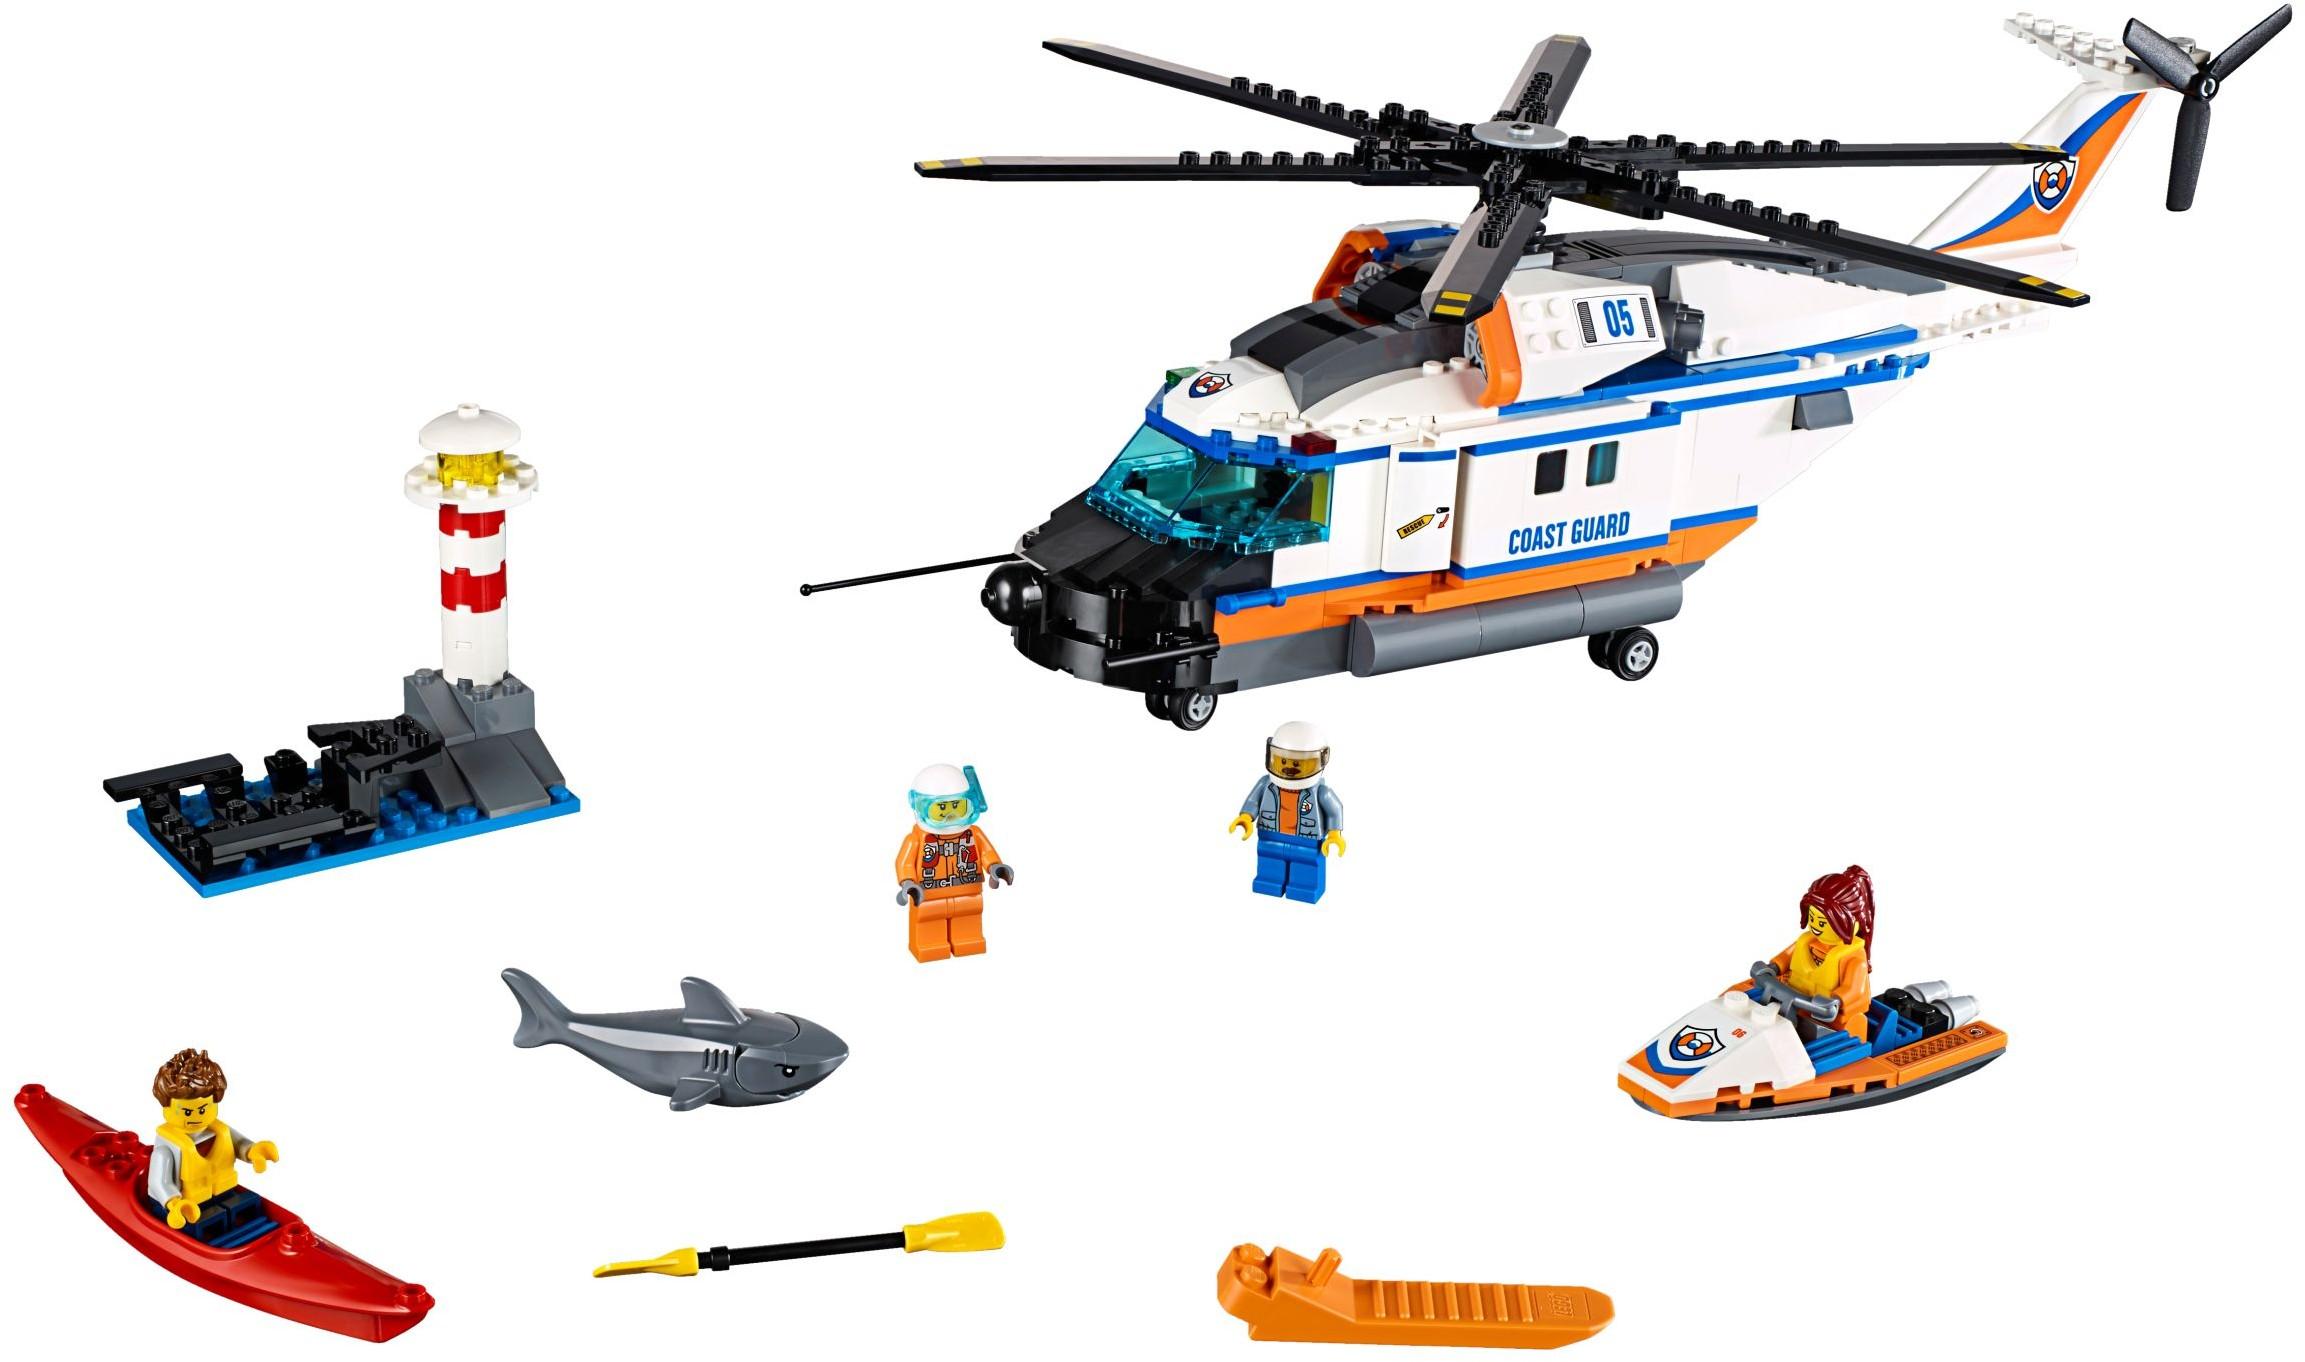 City Coast Guard Brickset Lego Set Guide And Database